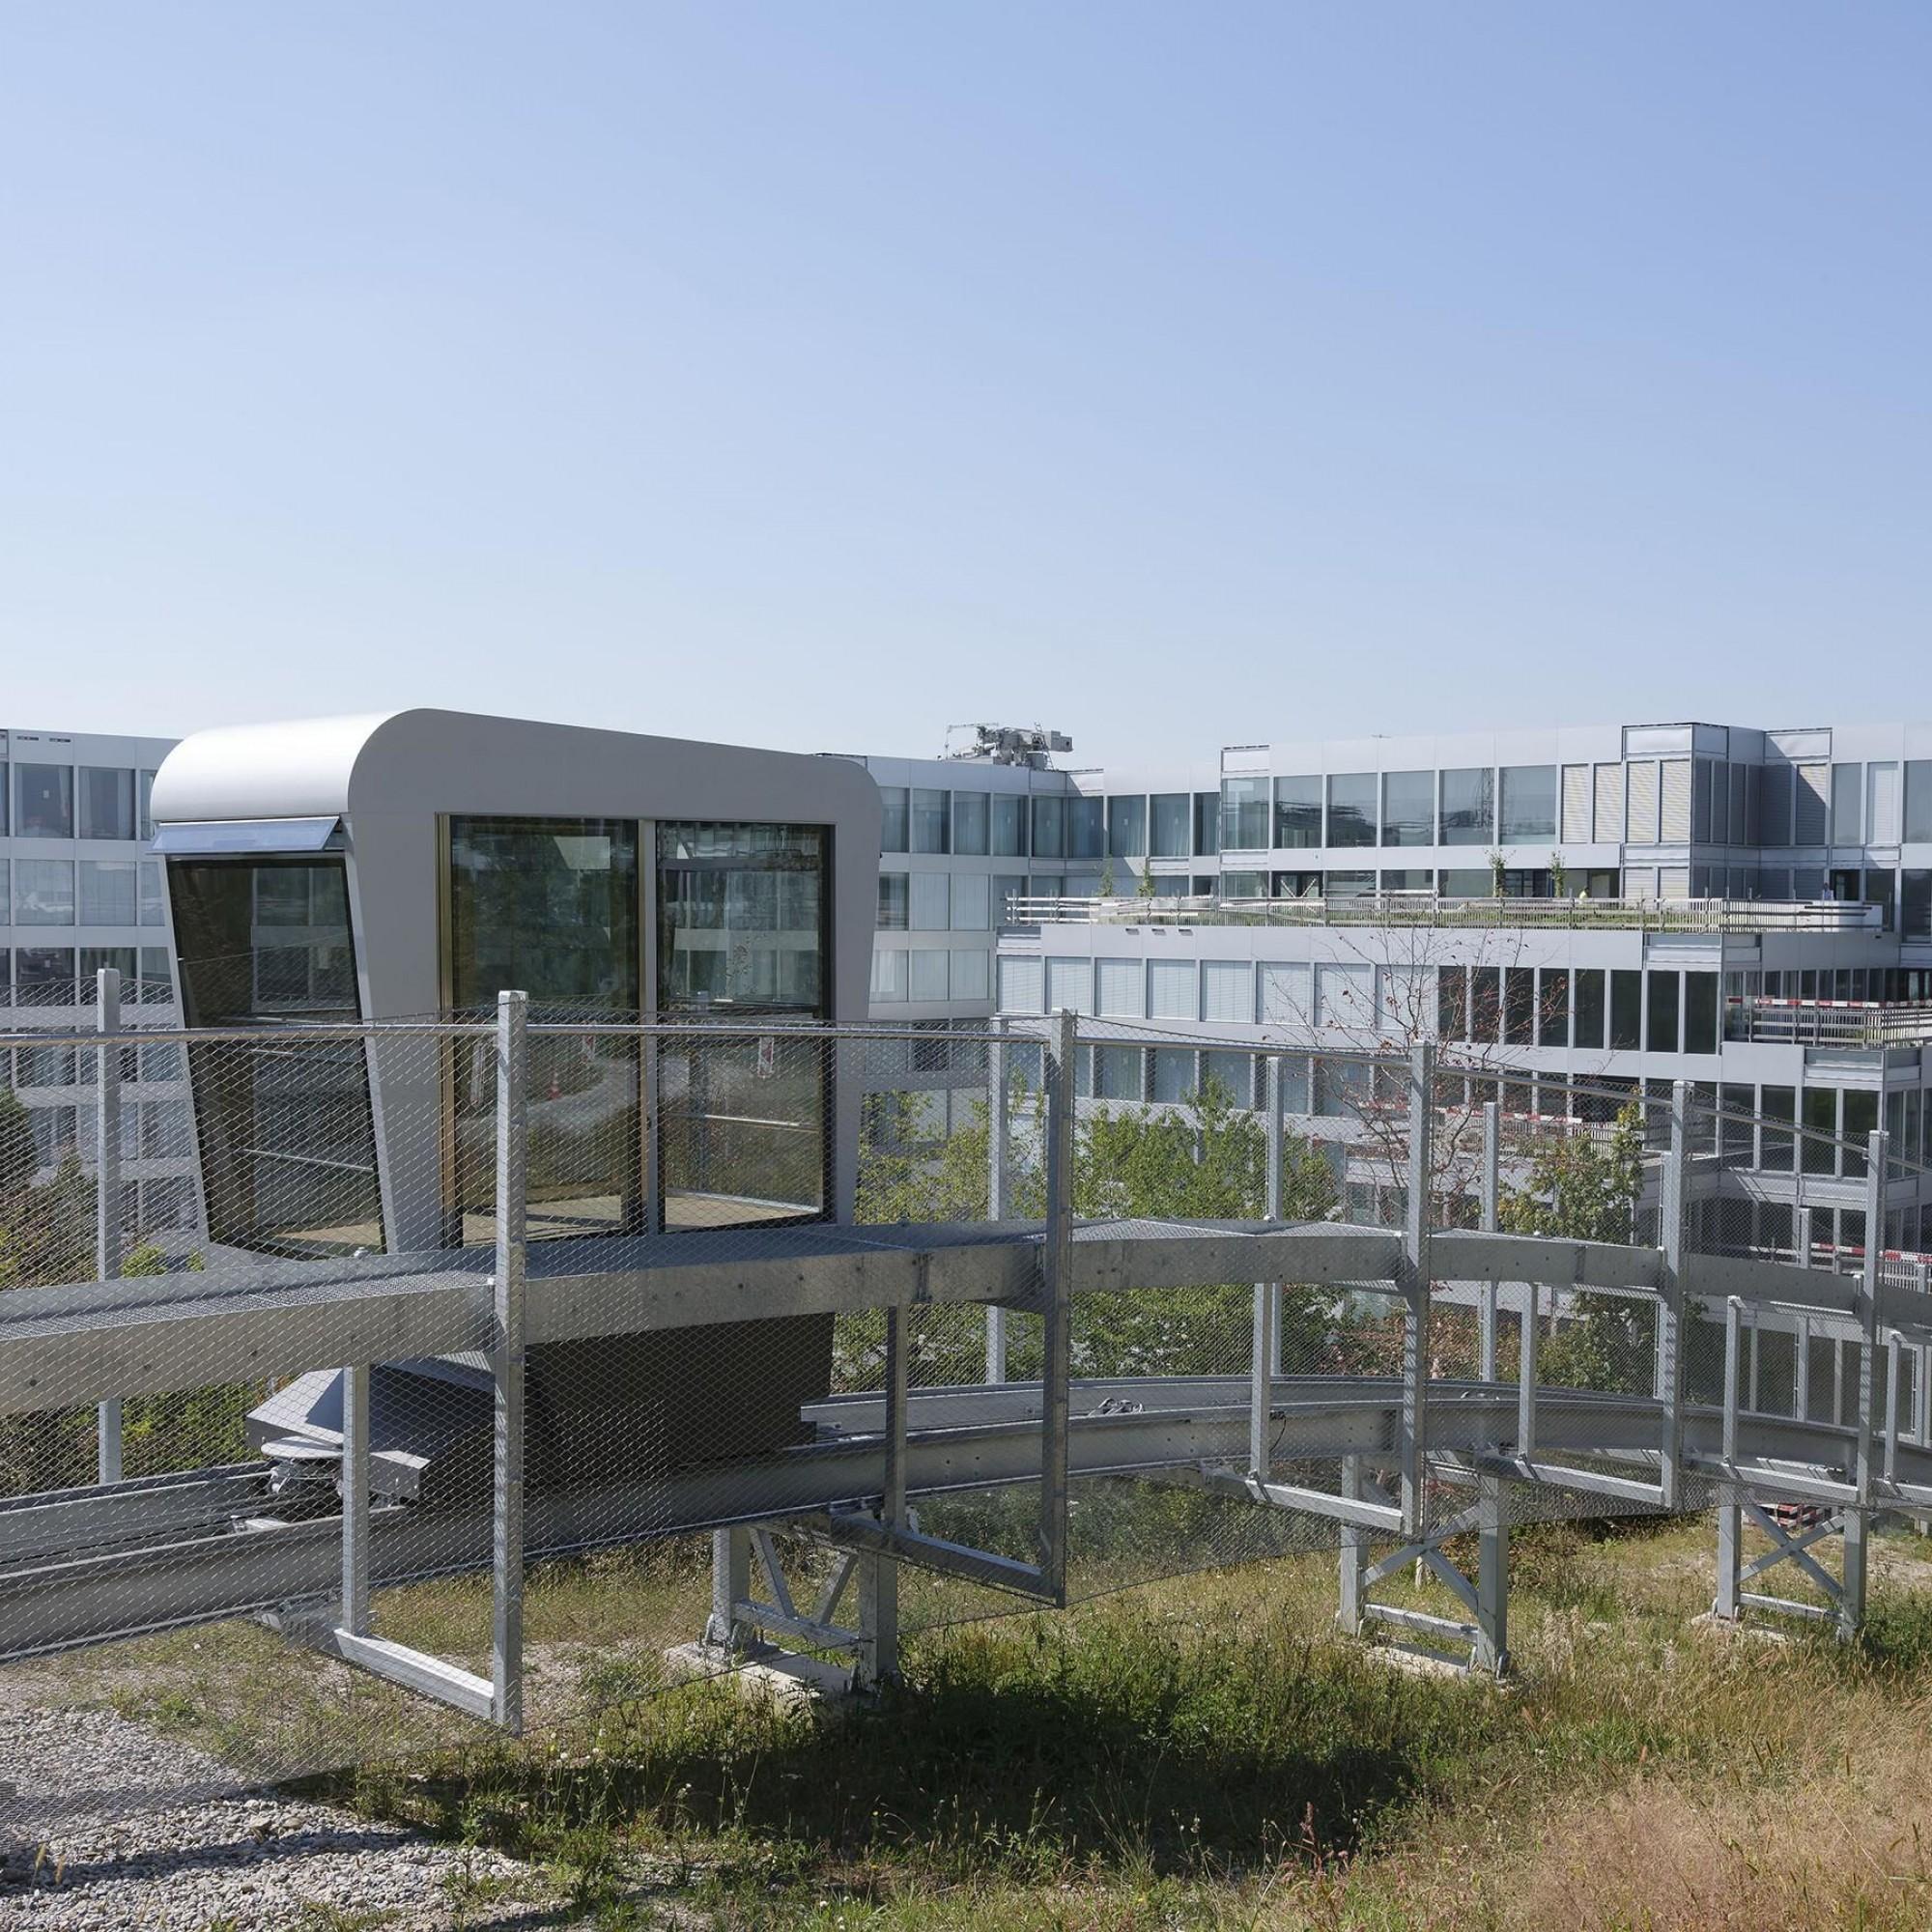 Un funiculaire permet de relier les bâtiments de l'espace affaires et le parc attenant.